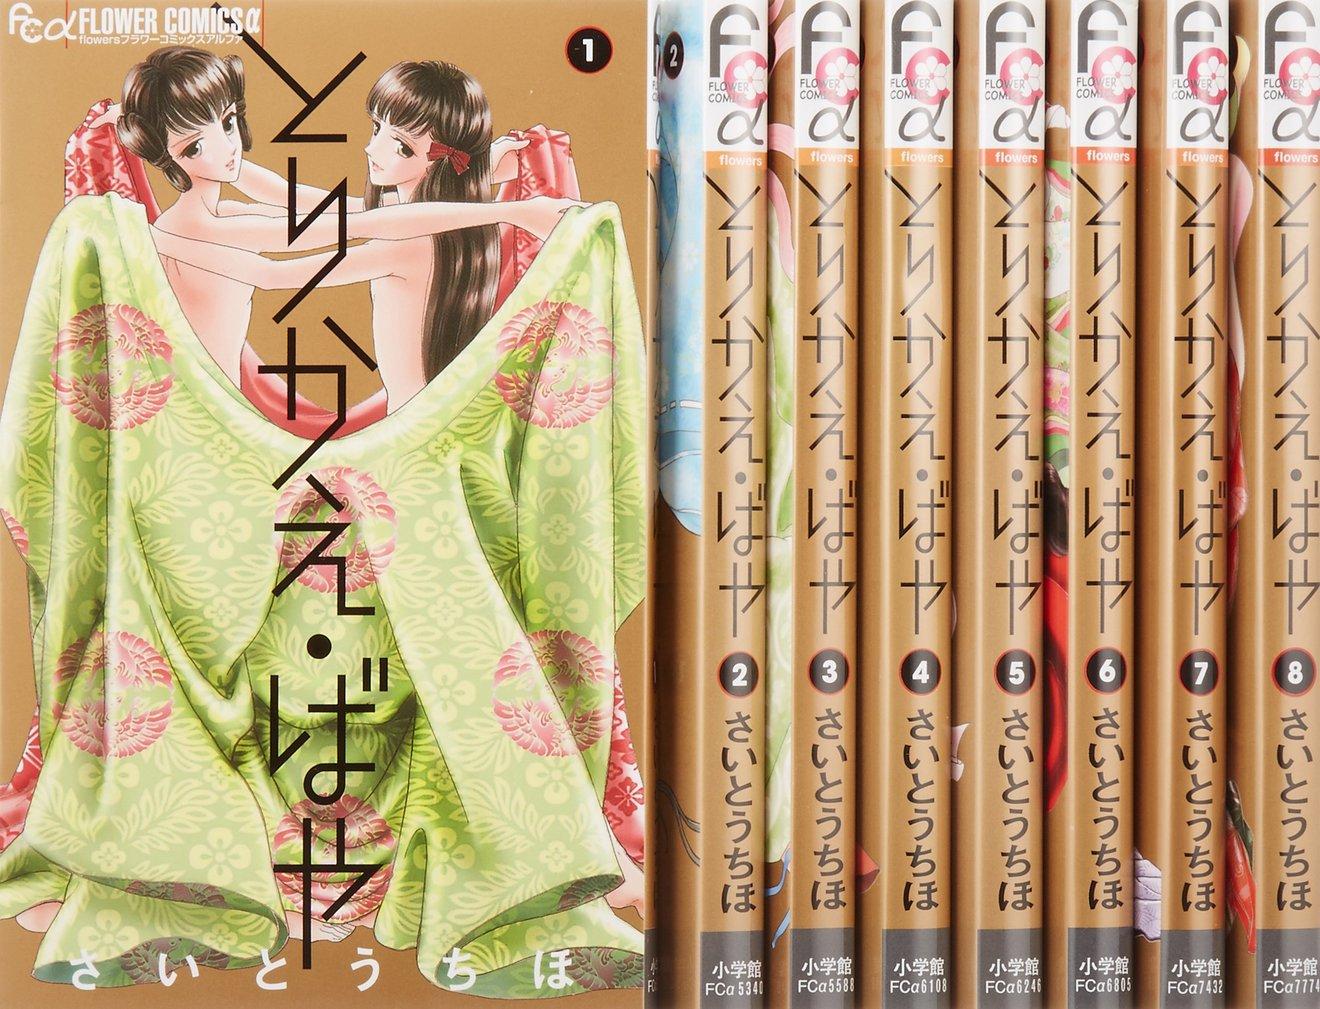 『とりかえ・ばや』の性別入れ替え物語がドキドキ!魅力を13巻までネタバレ